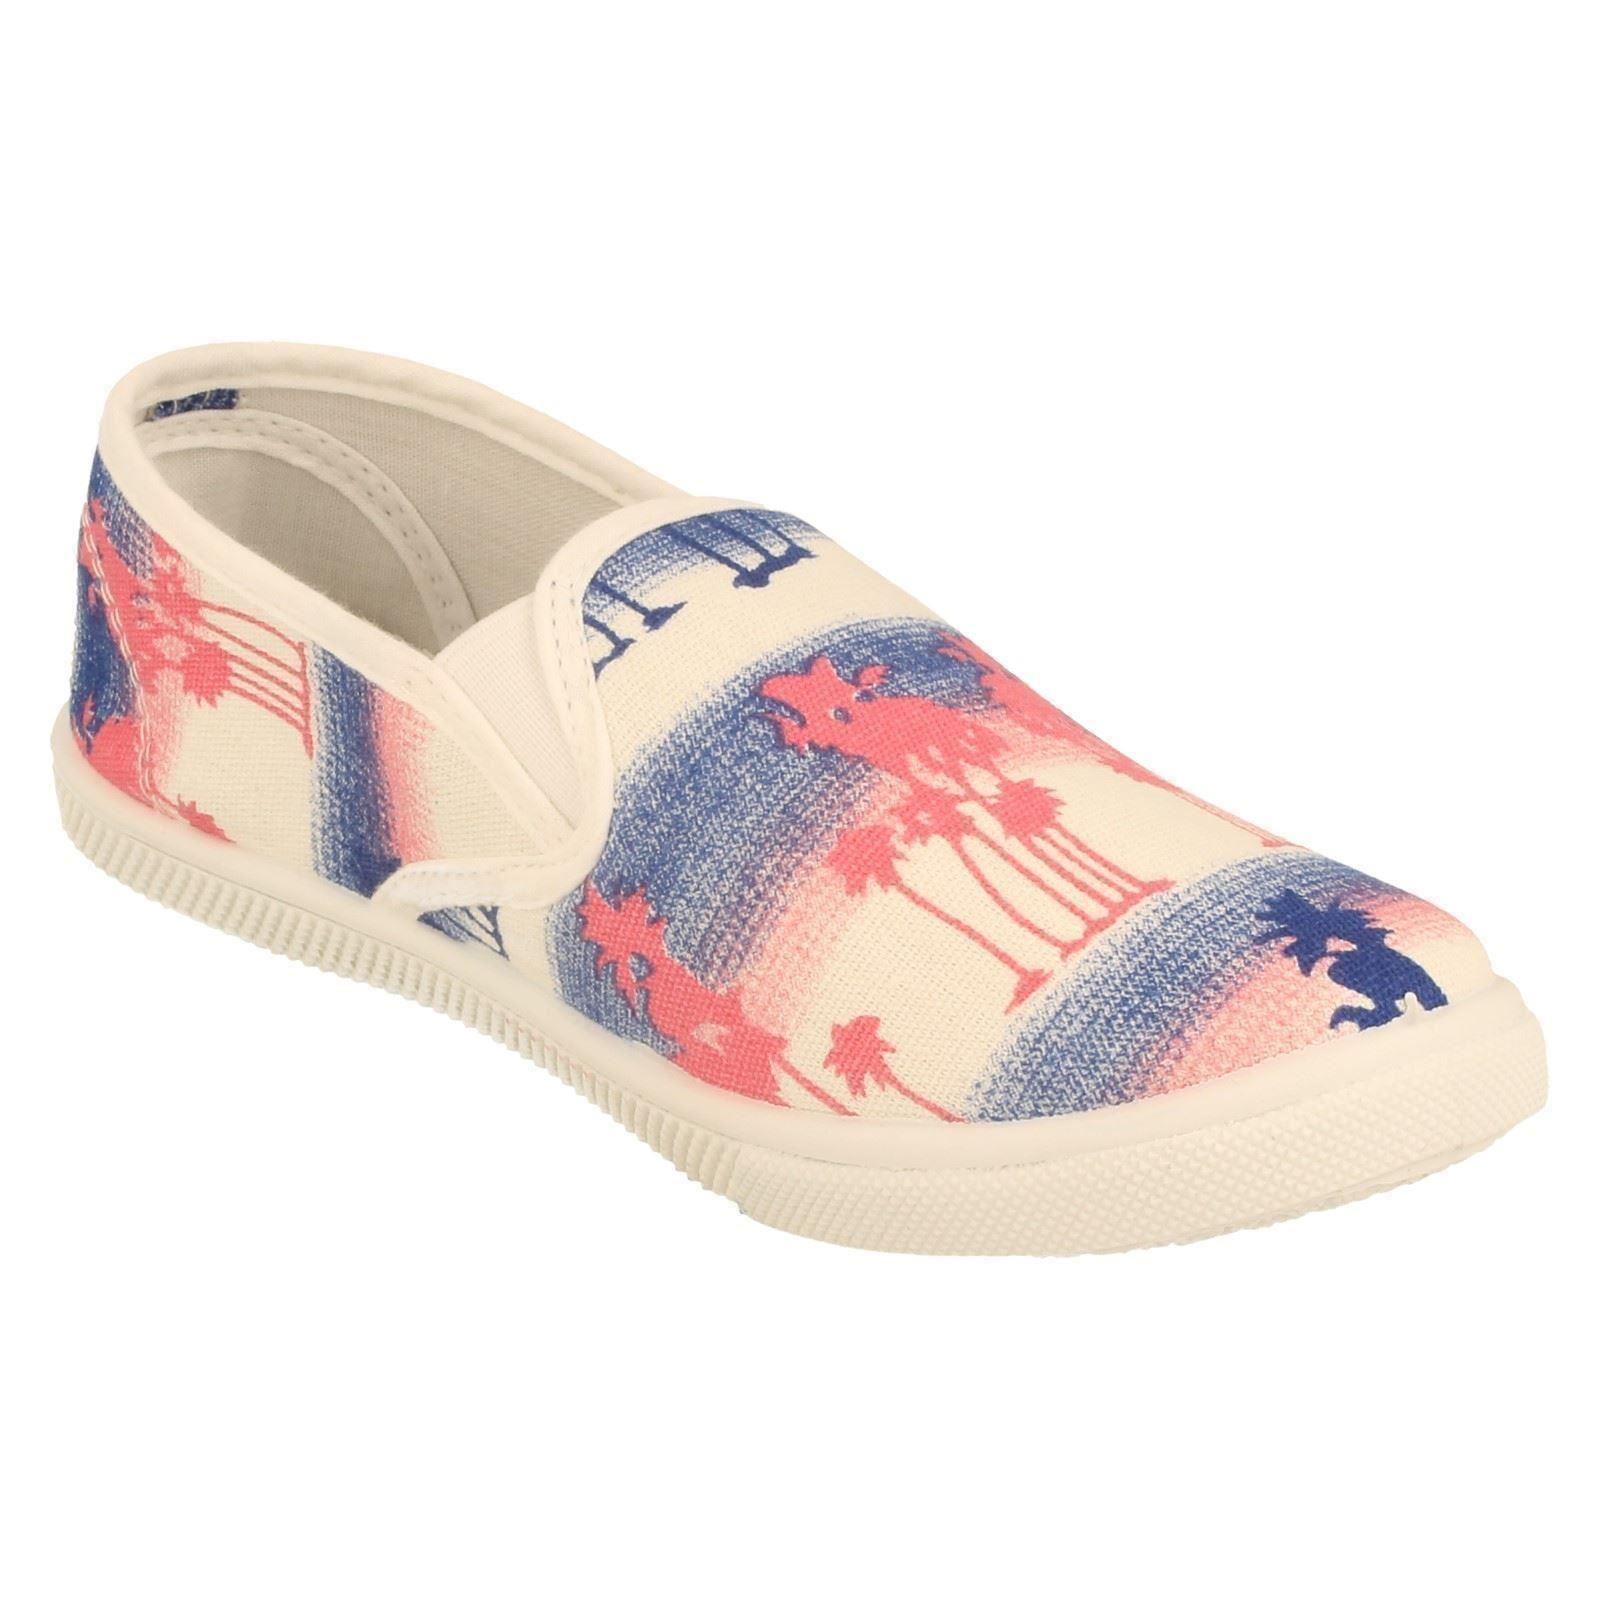 Niñas Spot on Zapatos De Lona Estilo H2347-W